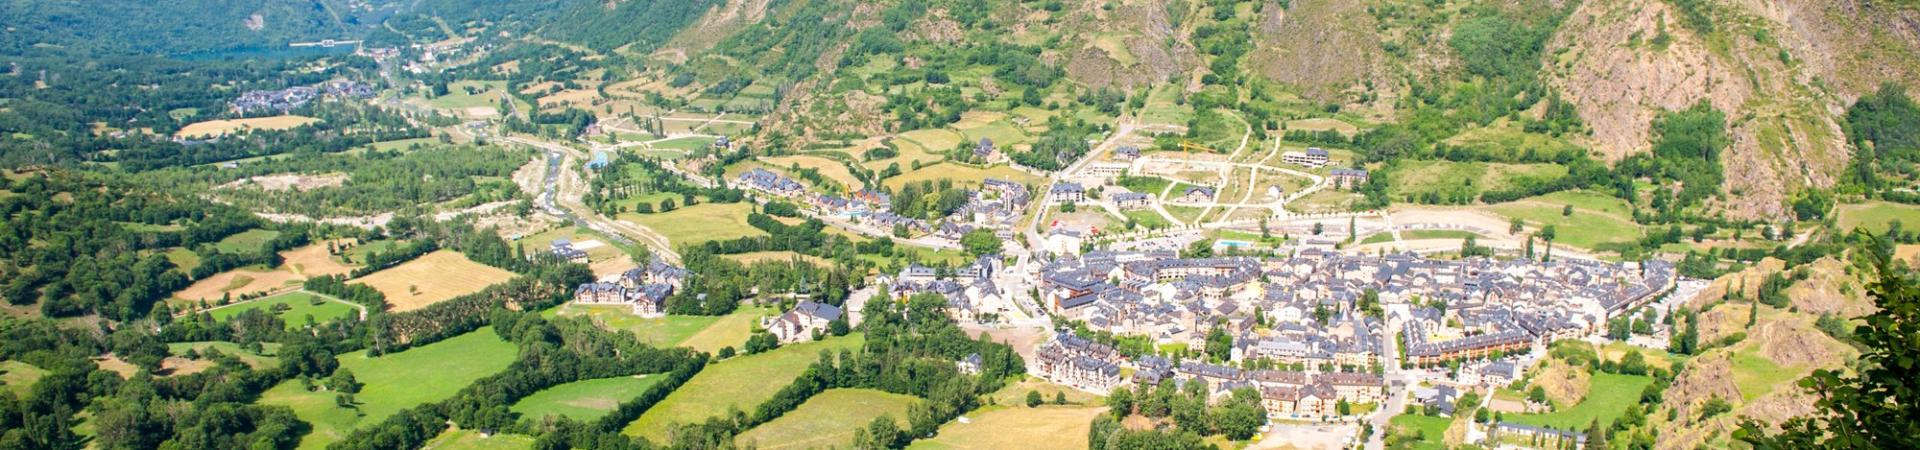 Location: Benasque Valley